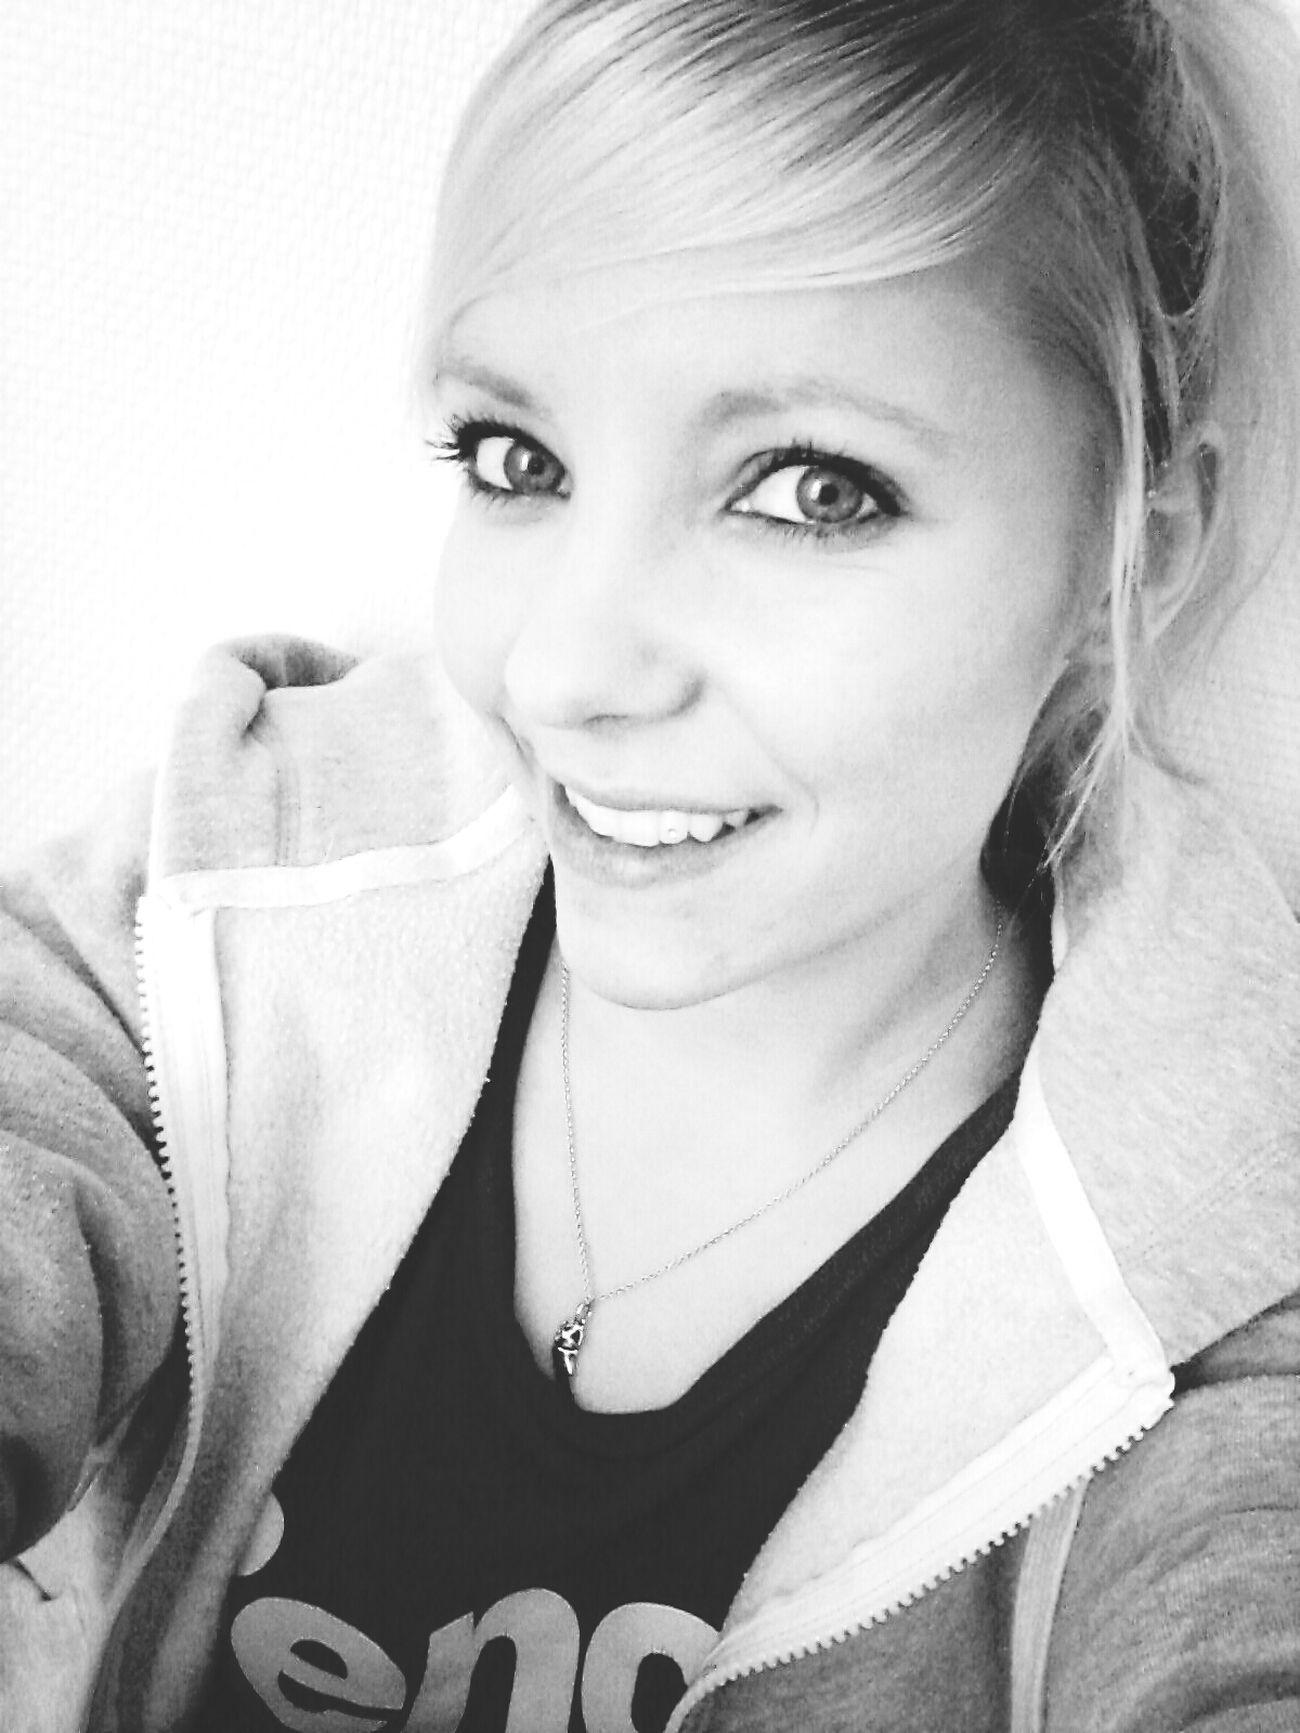 Keep Smiling Selfie Bench Black & White